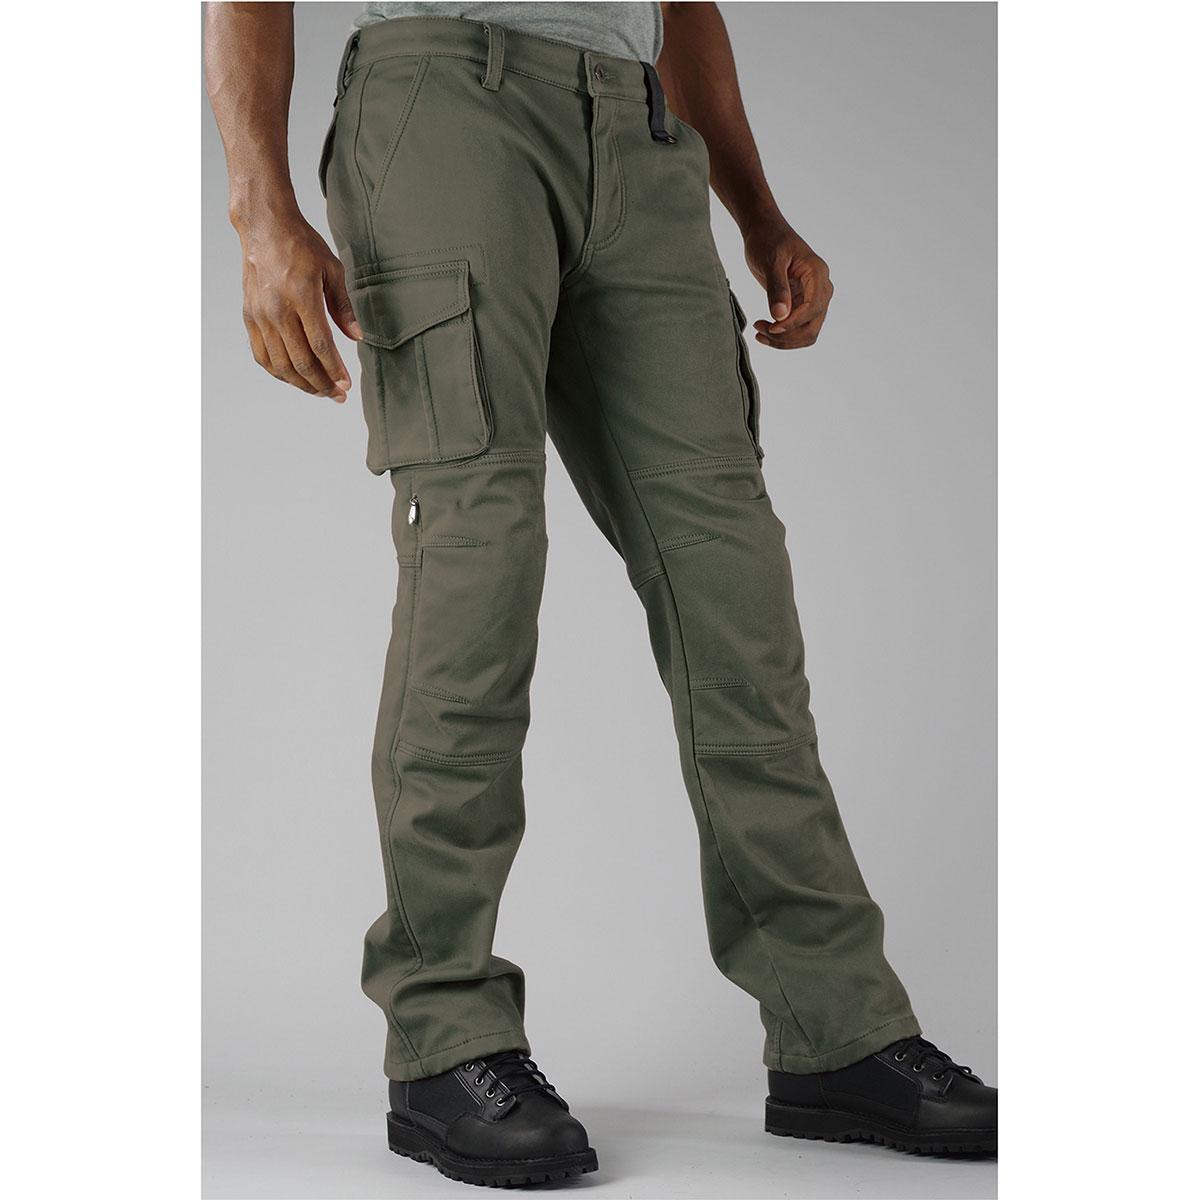 コミネ (Komine) バイク用 パンツ Pants PK-919 ウインドプルーフウォームカーゴパンツ ダーク グリーン 緑 Mサイズ 07-919/D.GR/M